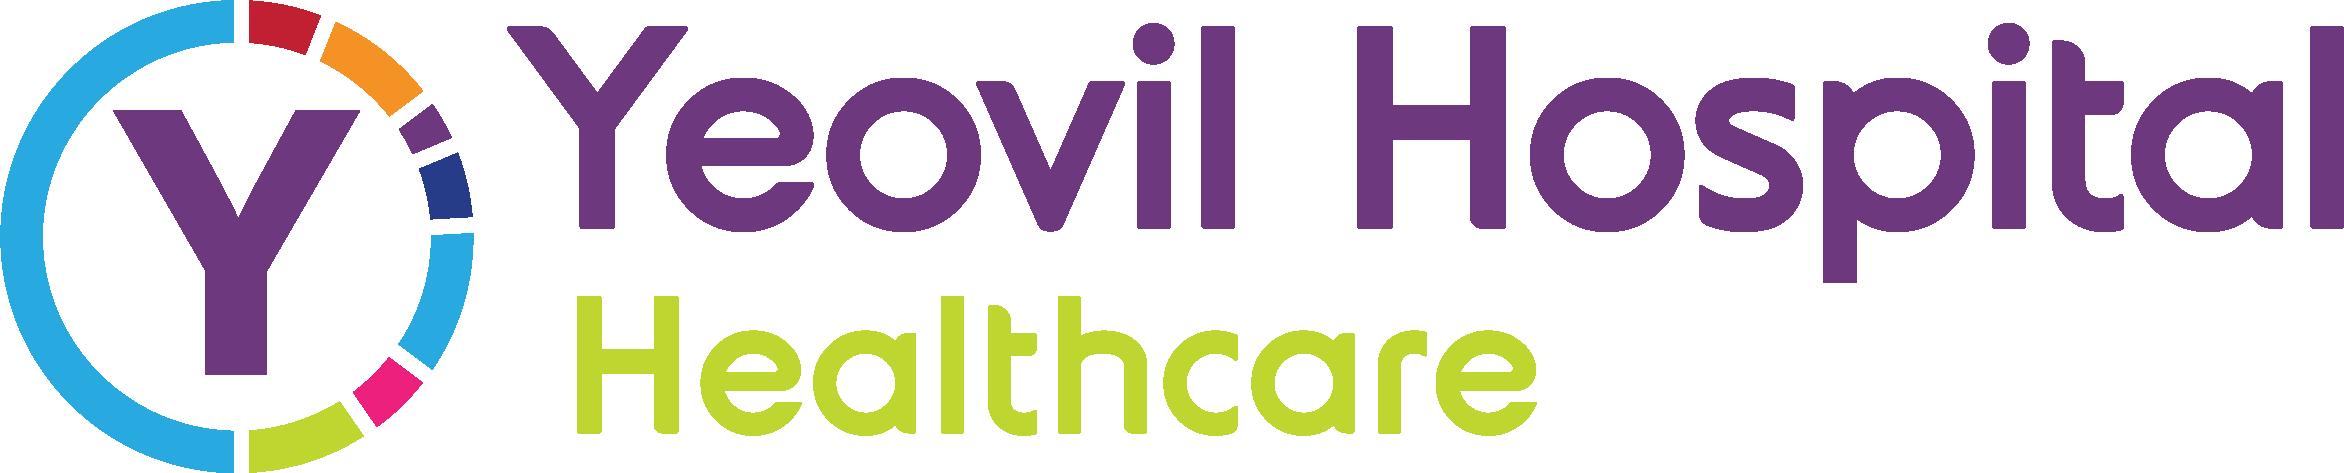 Yeovil hospital logo